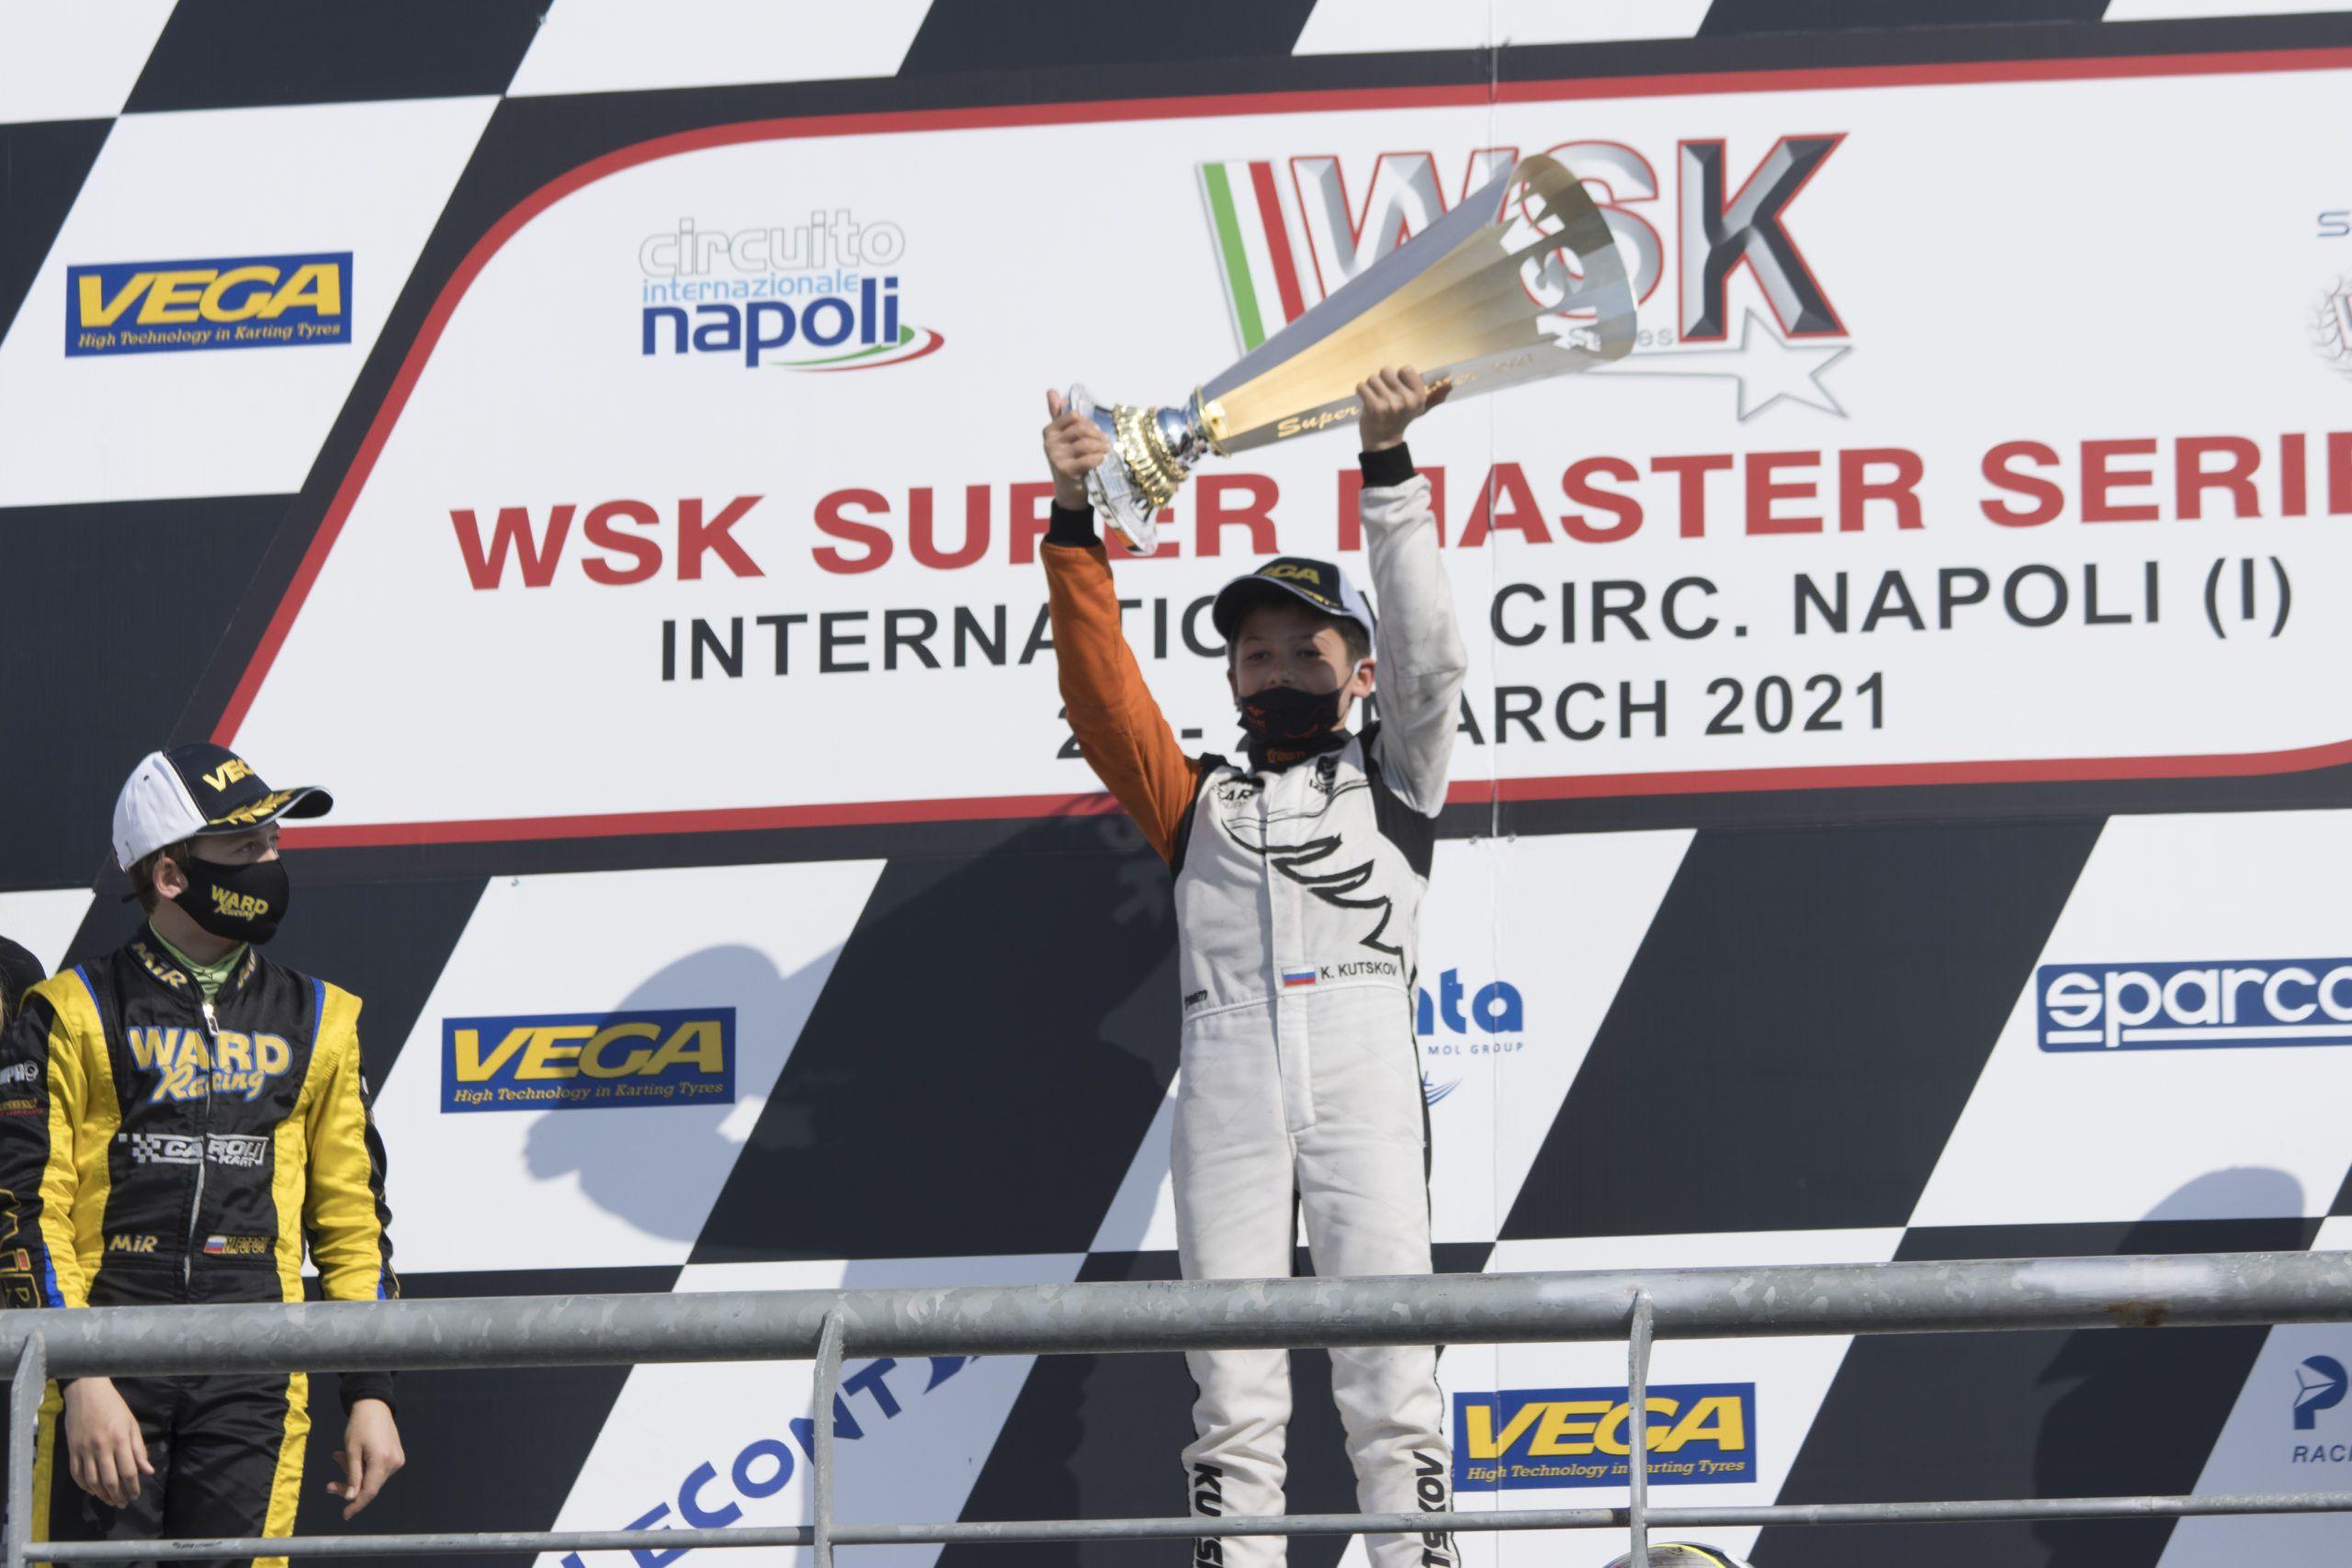 Sarno, Circuito Internazionale Napoli, Tony kart, WSK Super master series, vortex,